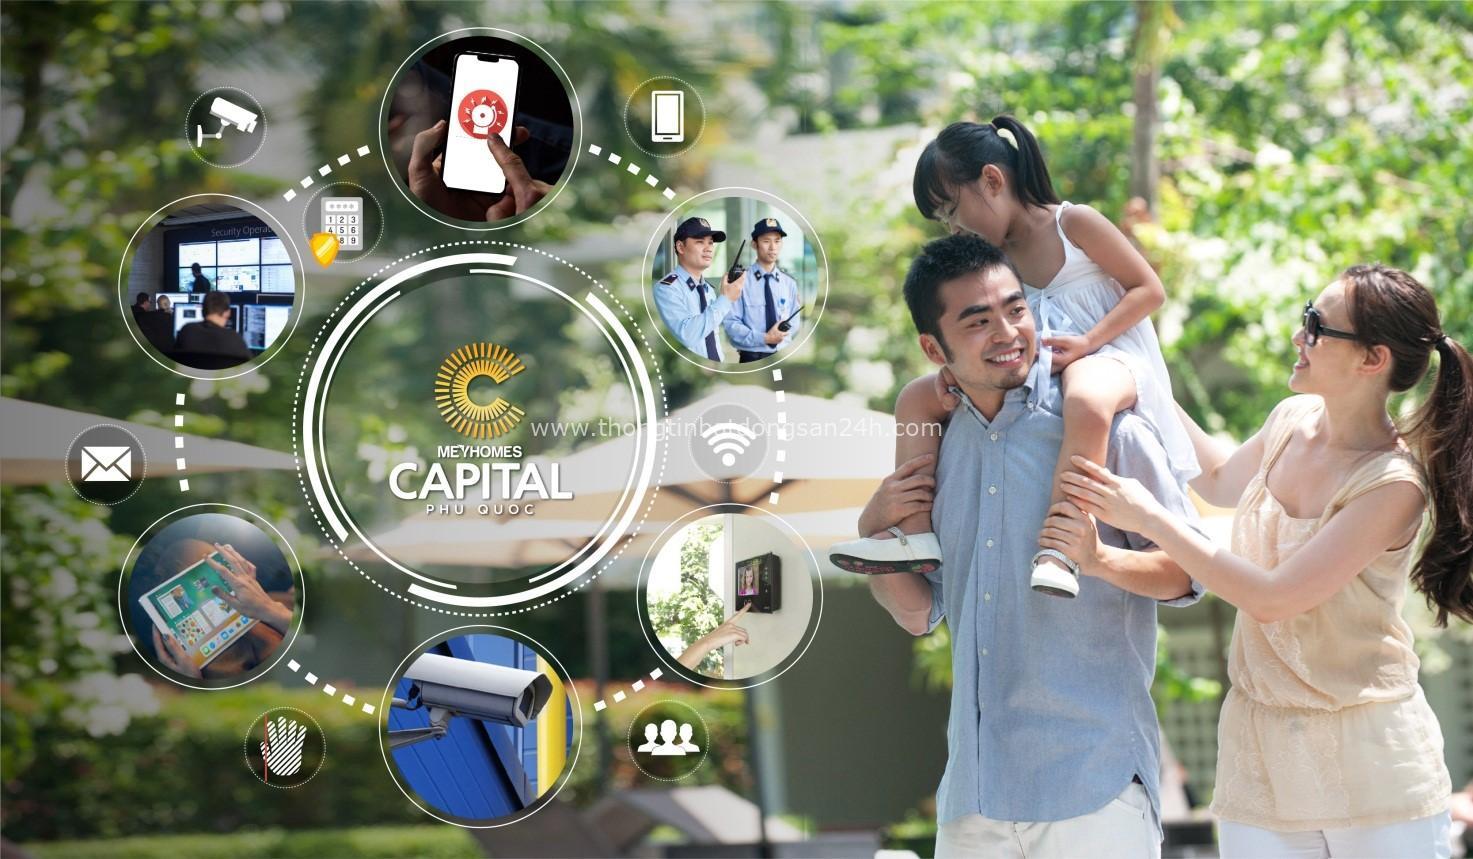 Hé lộ ban đầu về tính năng thông minh tại Meyhomes Capital Phú Quốc 1